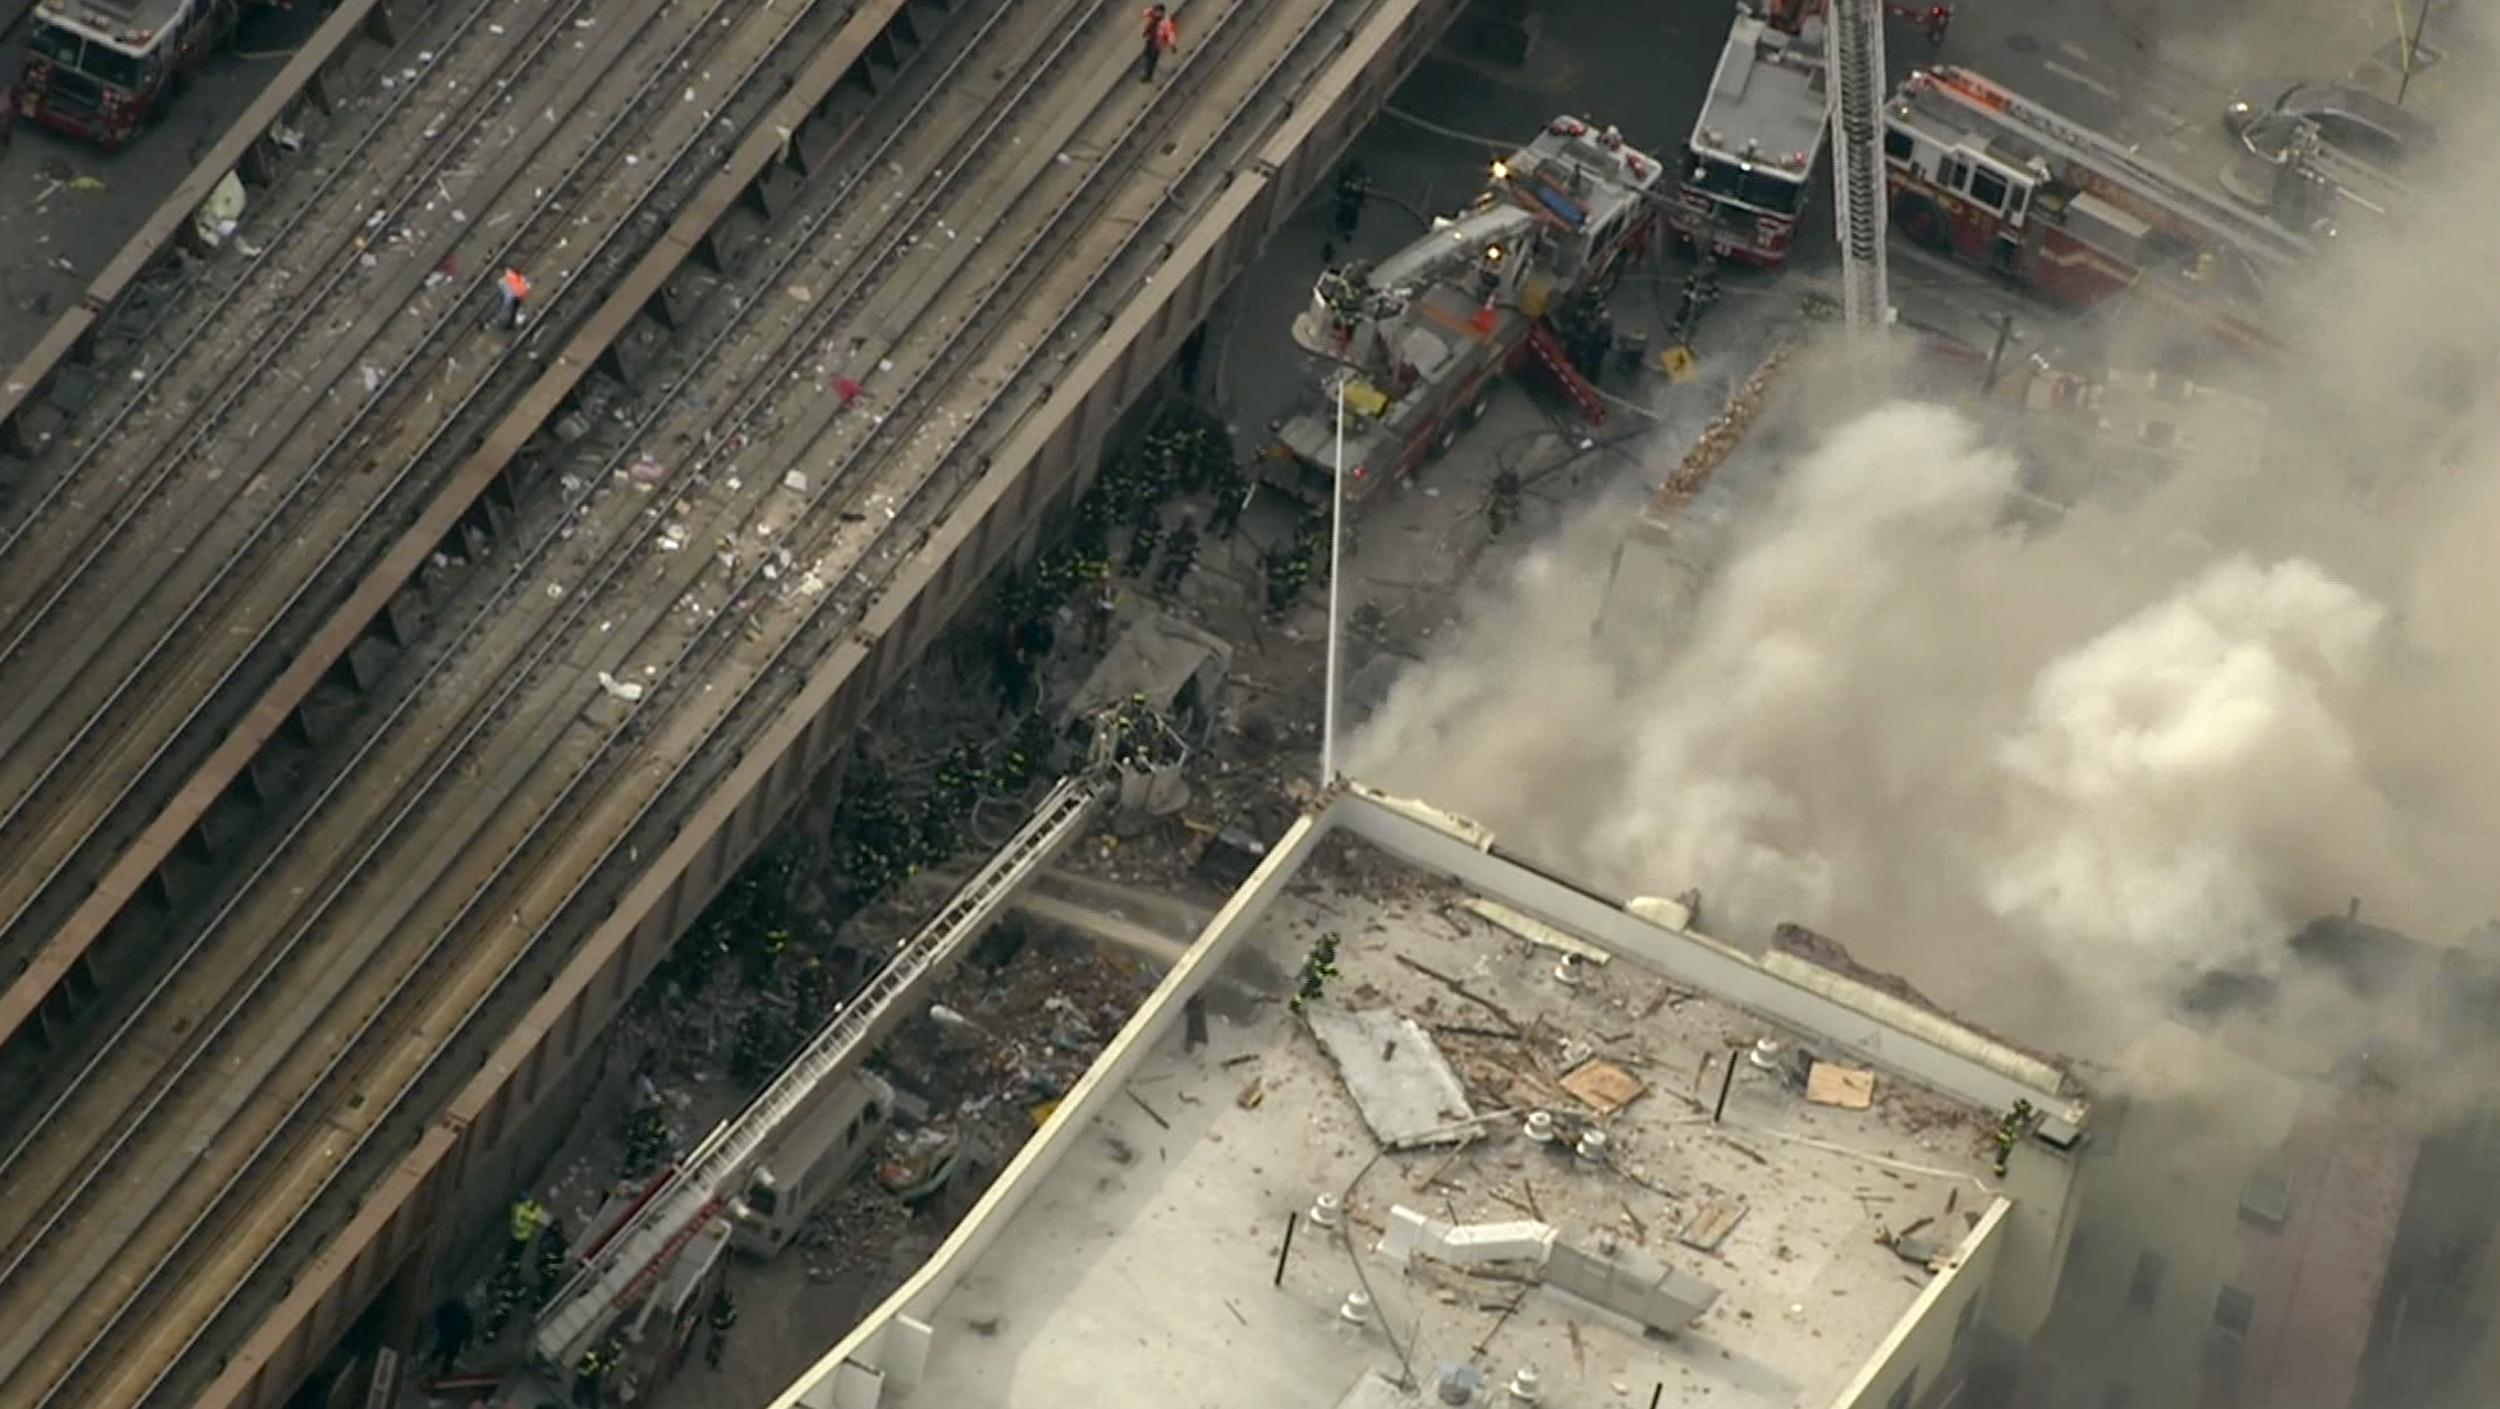 イーストハーレムでビルが爆発倒壊高架線路に散らばる残骸、立ち込める煙事故かテロか?アメリカ ニューヨーク %e4%bd%8f%e5%b1%85 jiken saigai health defence